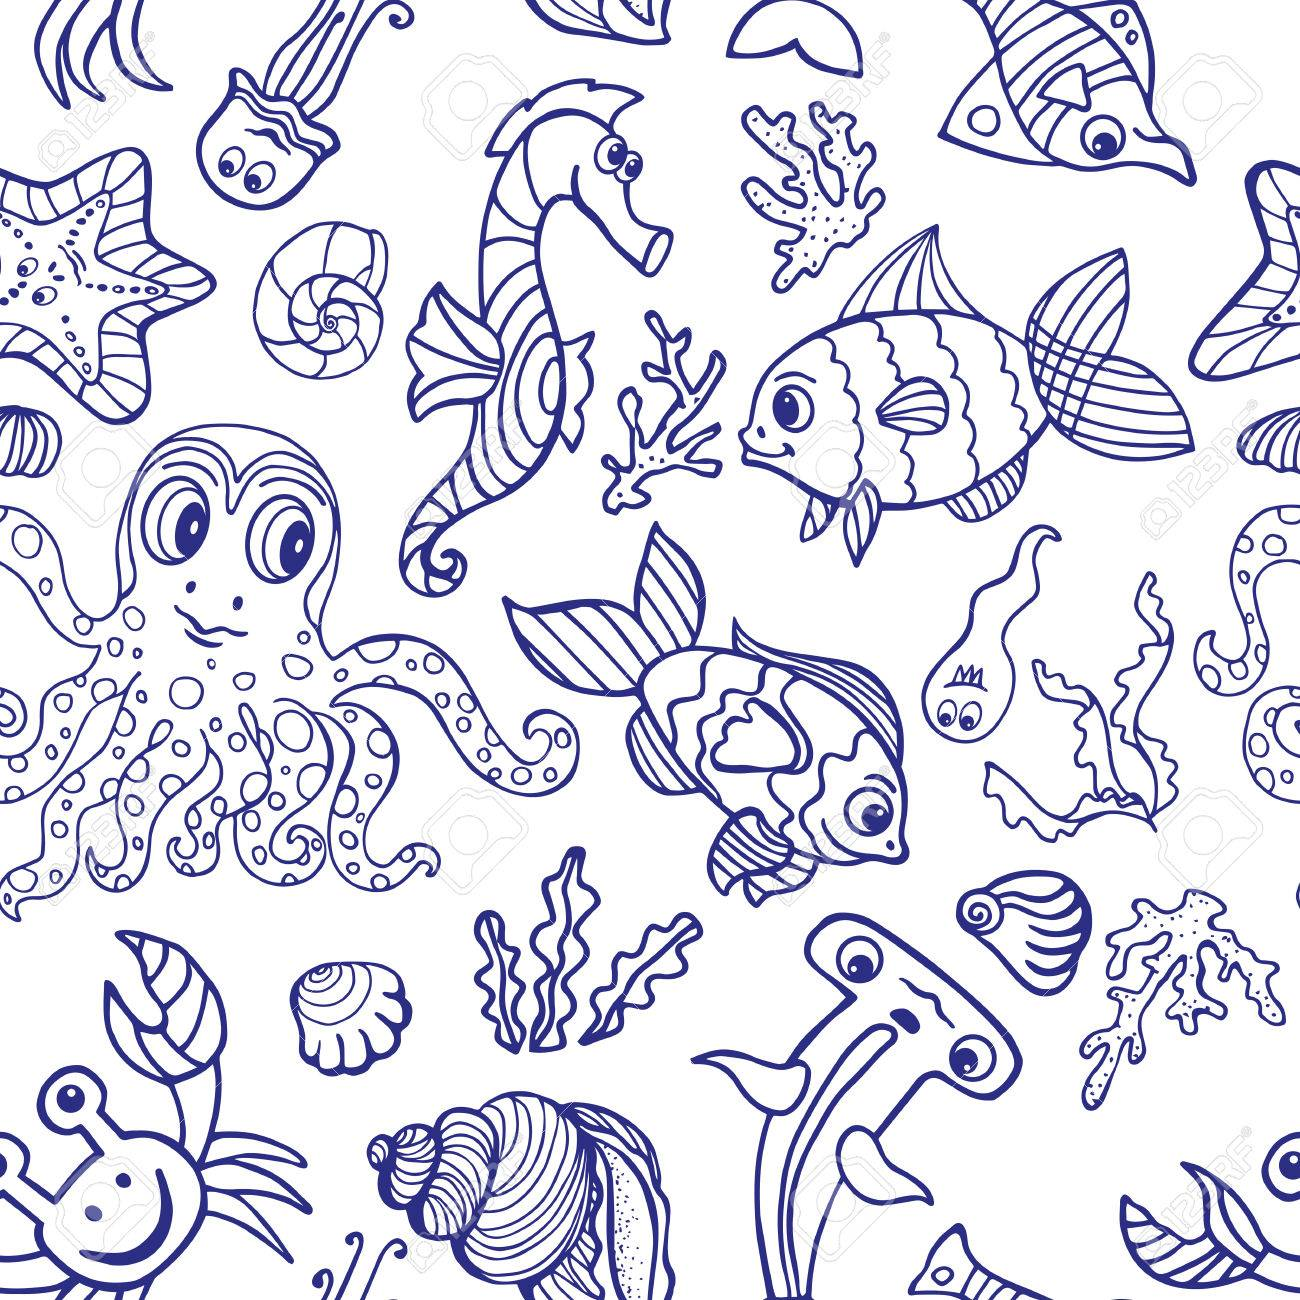 Sea Life Poissons Animaux Seamless Doodle Cartoon Background Funny Monde Sous Marin Bébé Dessin Voyage Linéaire Vector Summer Toile De Fond